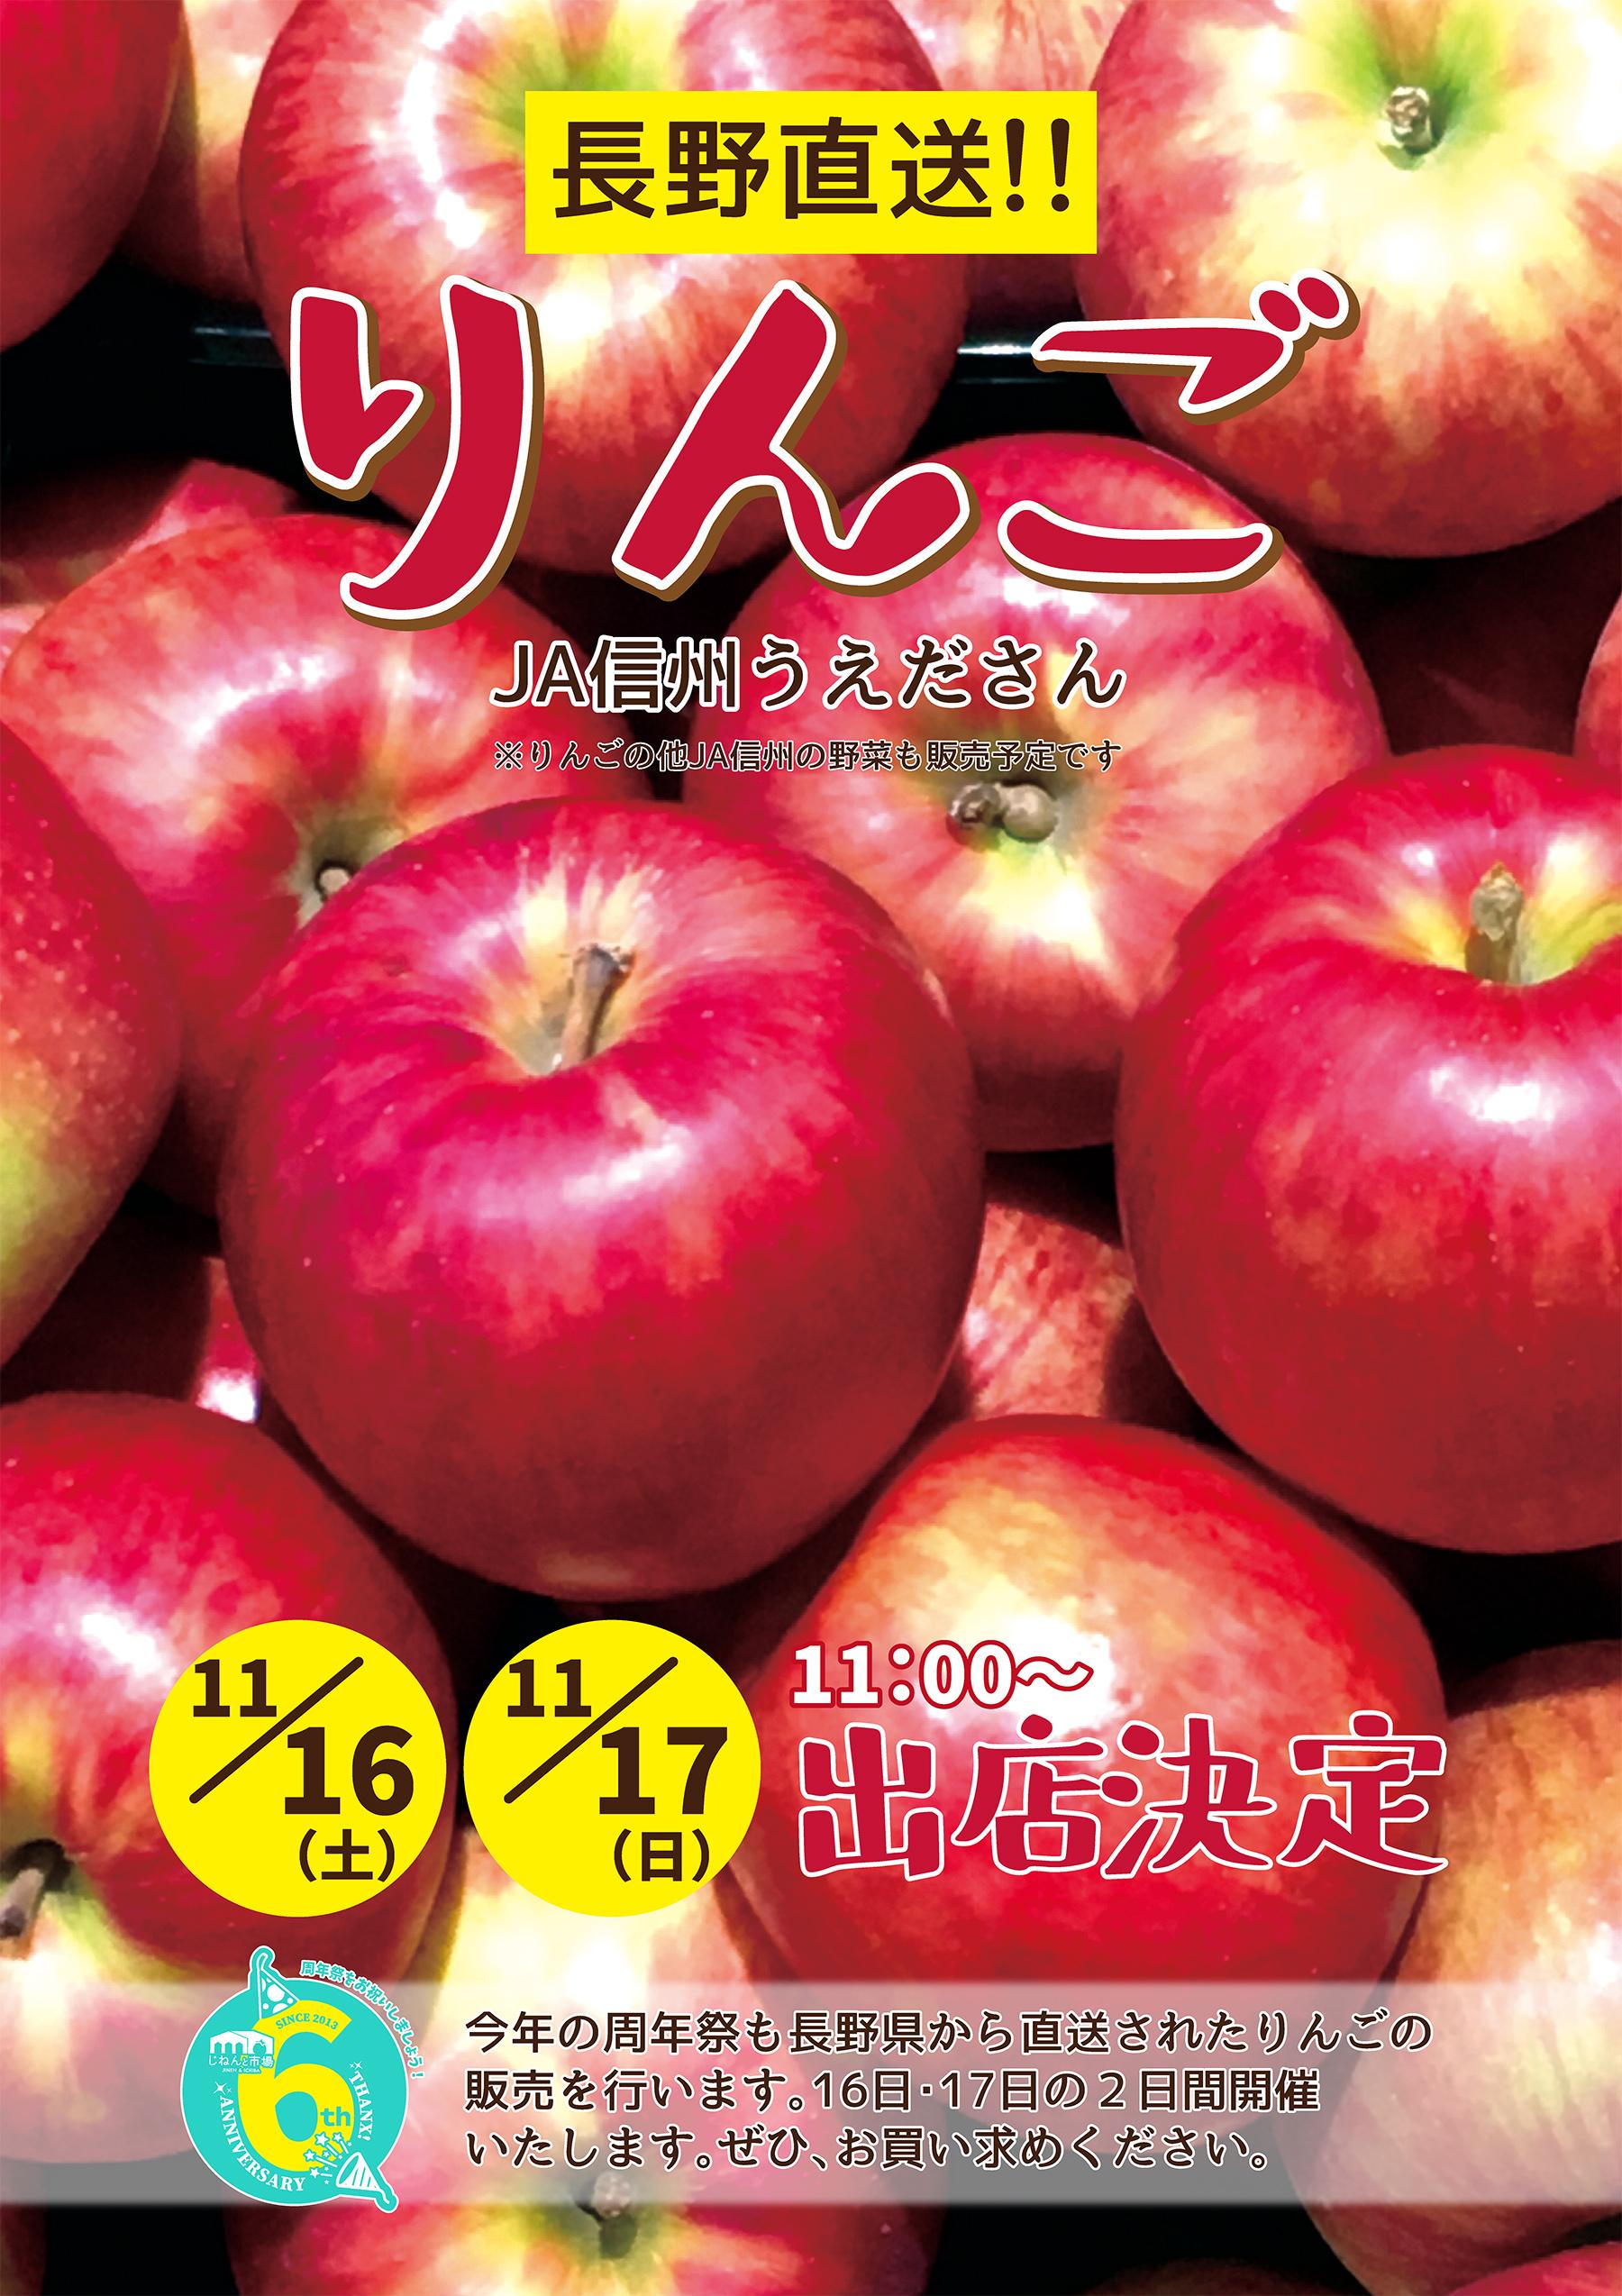 JA信州うえださんによるリンゴの販売